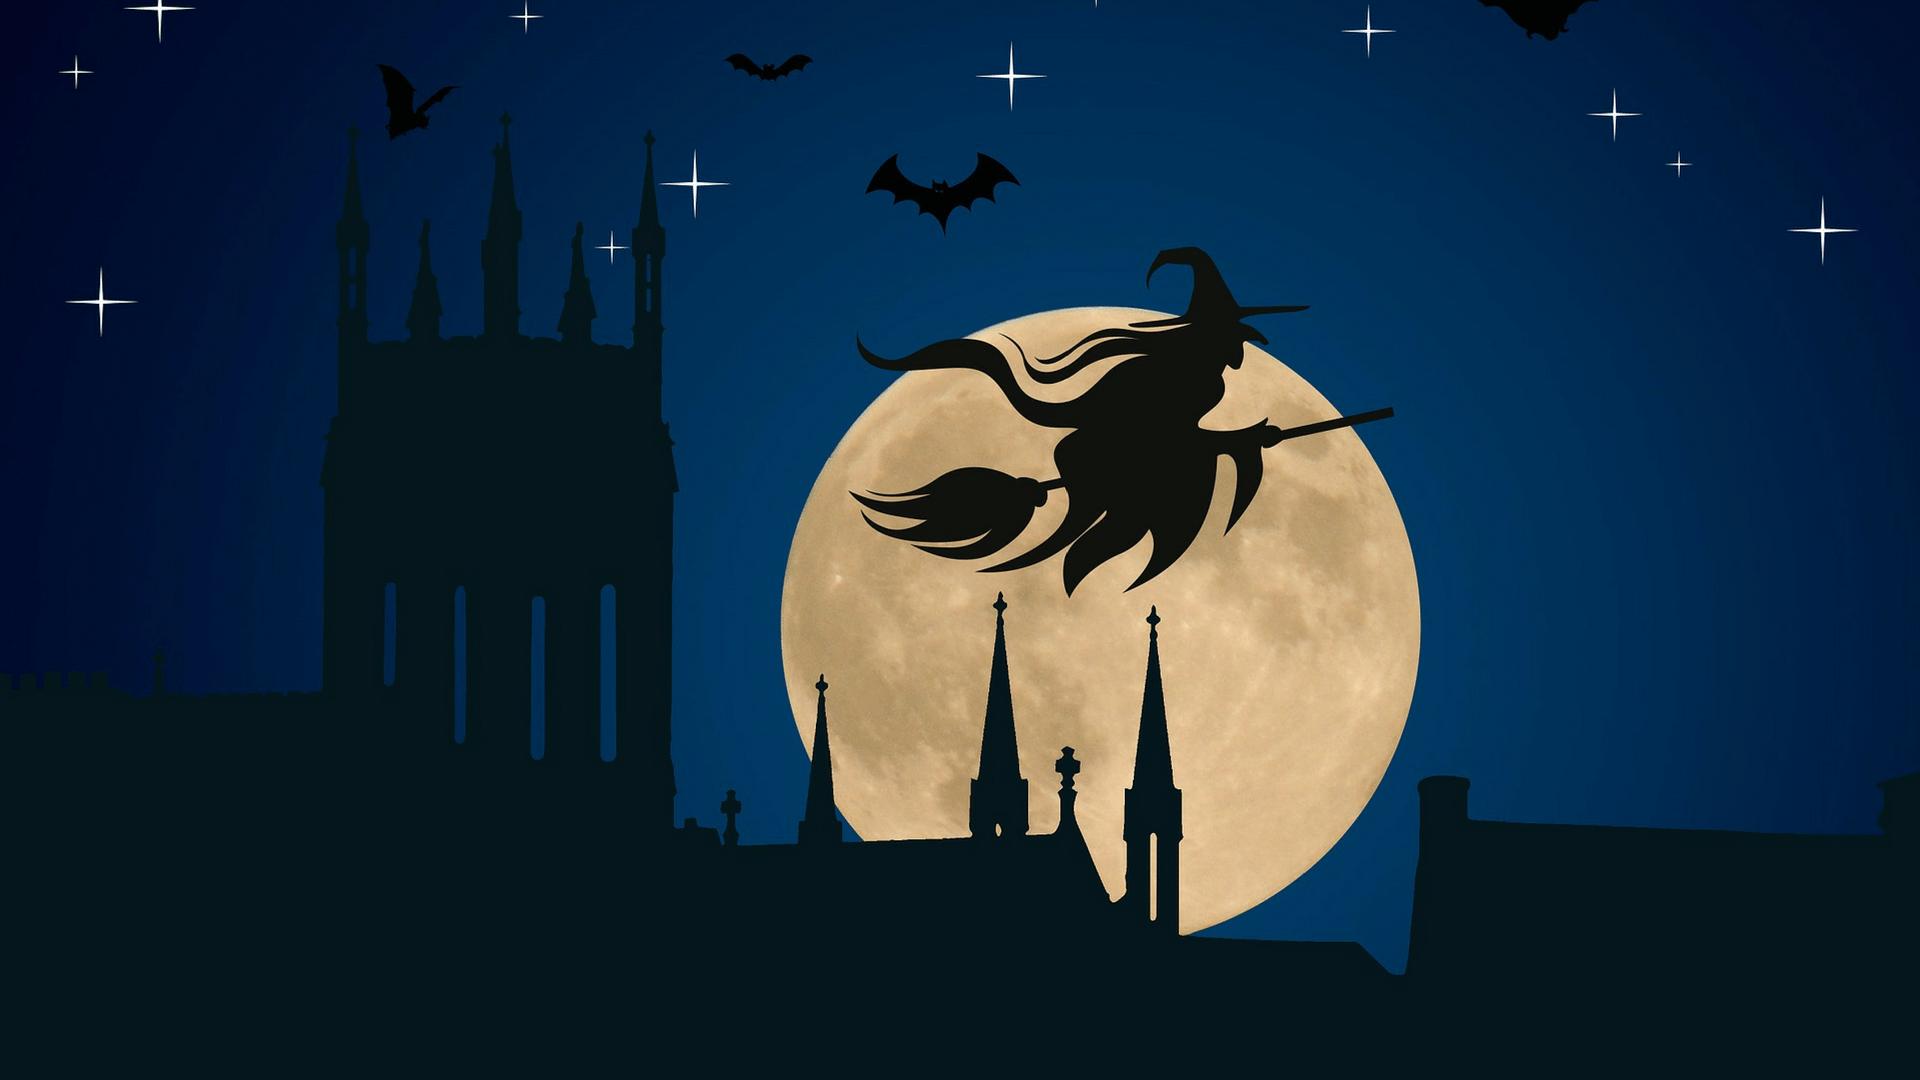 ¡Llévate unas lentillas de fantasía con nuestro sorteo de Halloween!